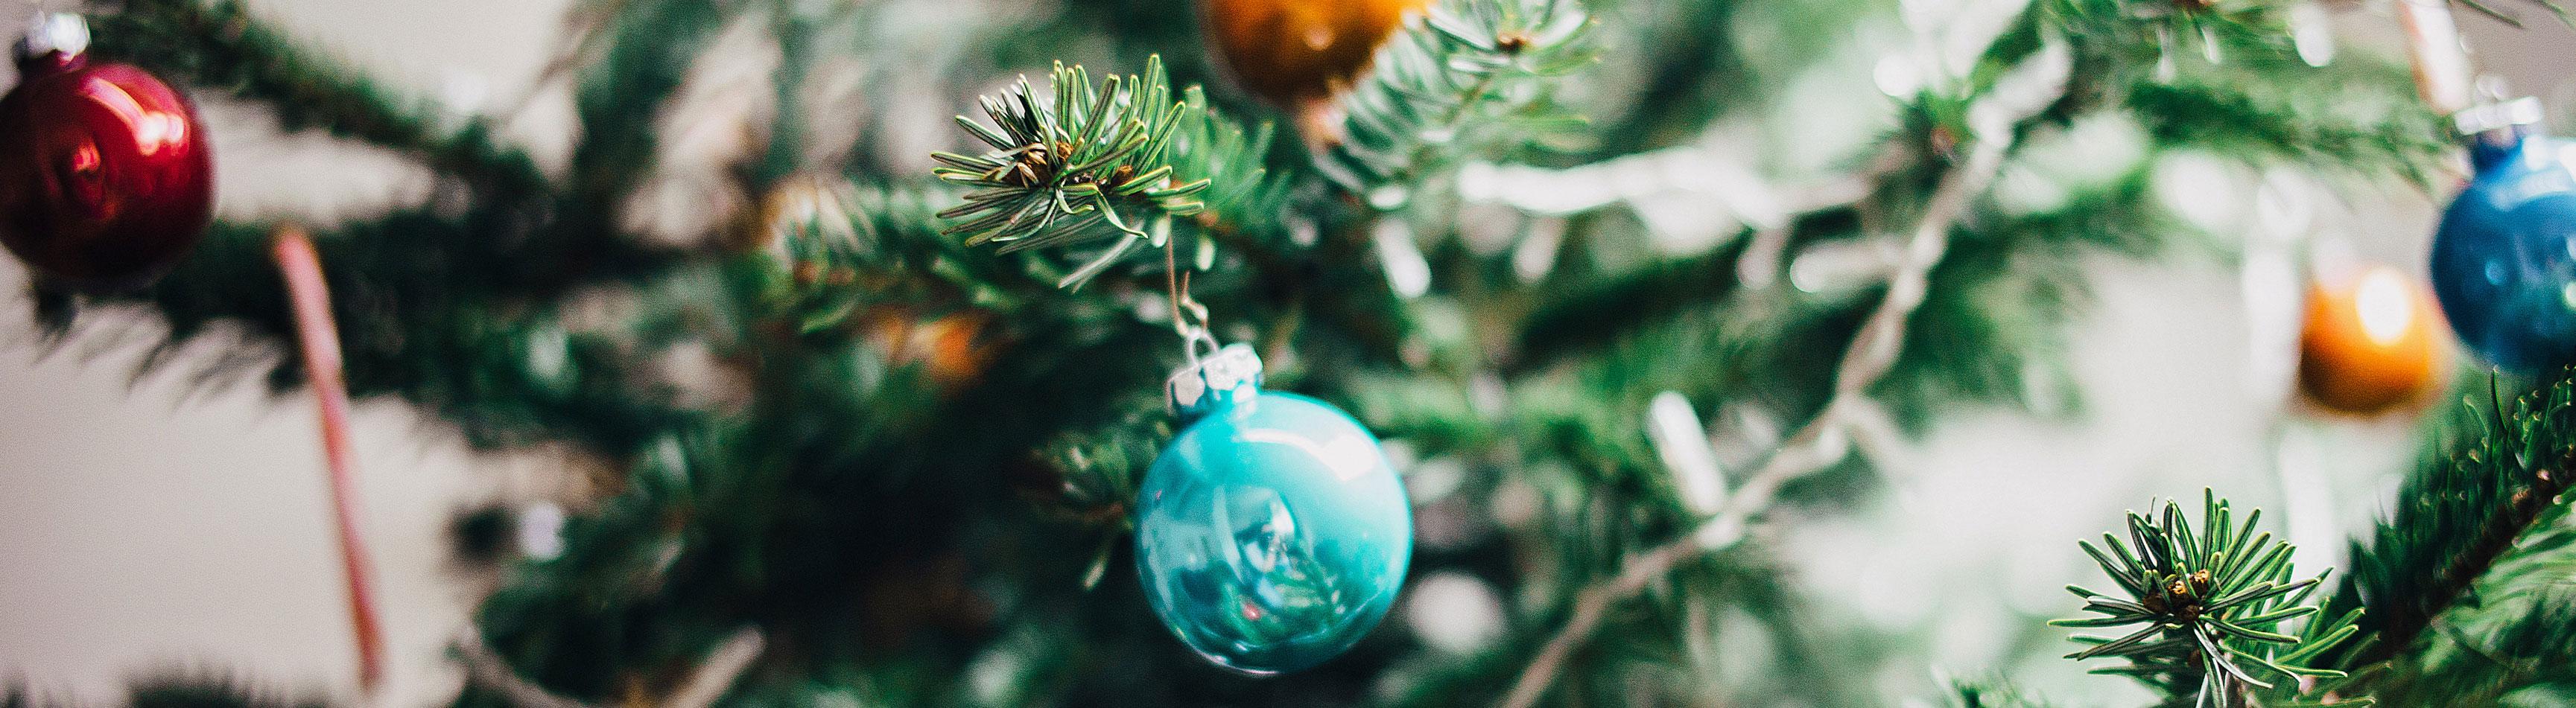 An einem Weihnachtsbaum hängen Kugeln.